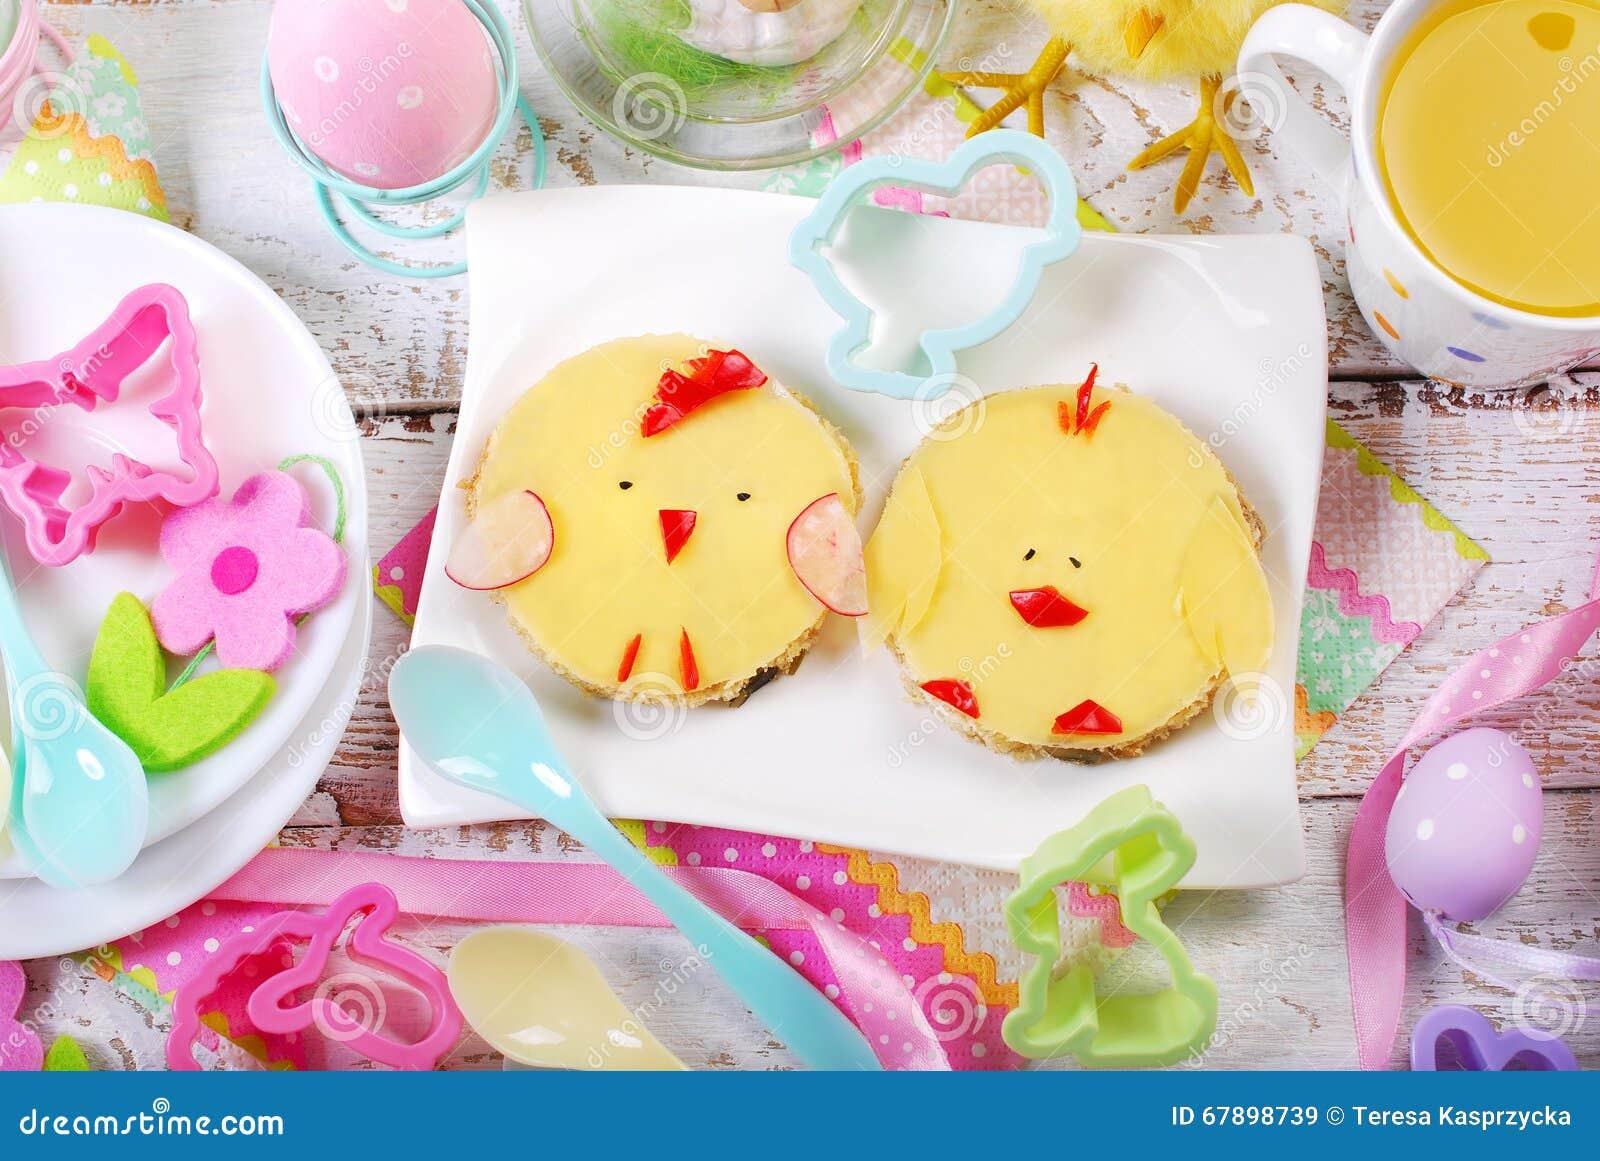 Wielkanocny śniadanie dla dzieciaków z śmiesznymi kanapkami